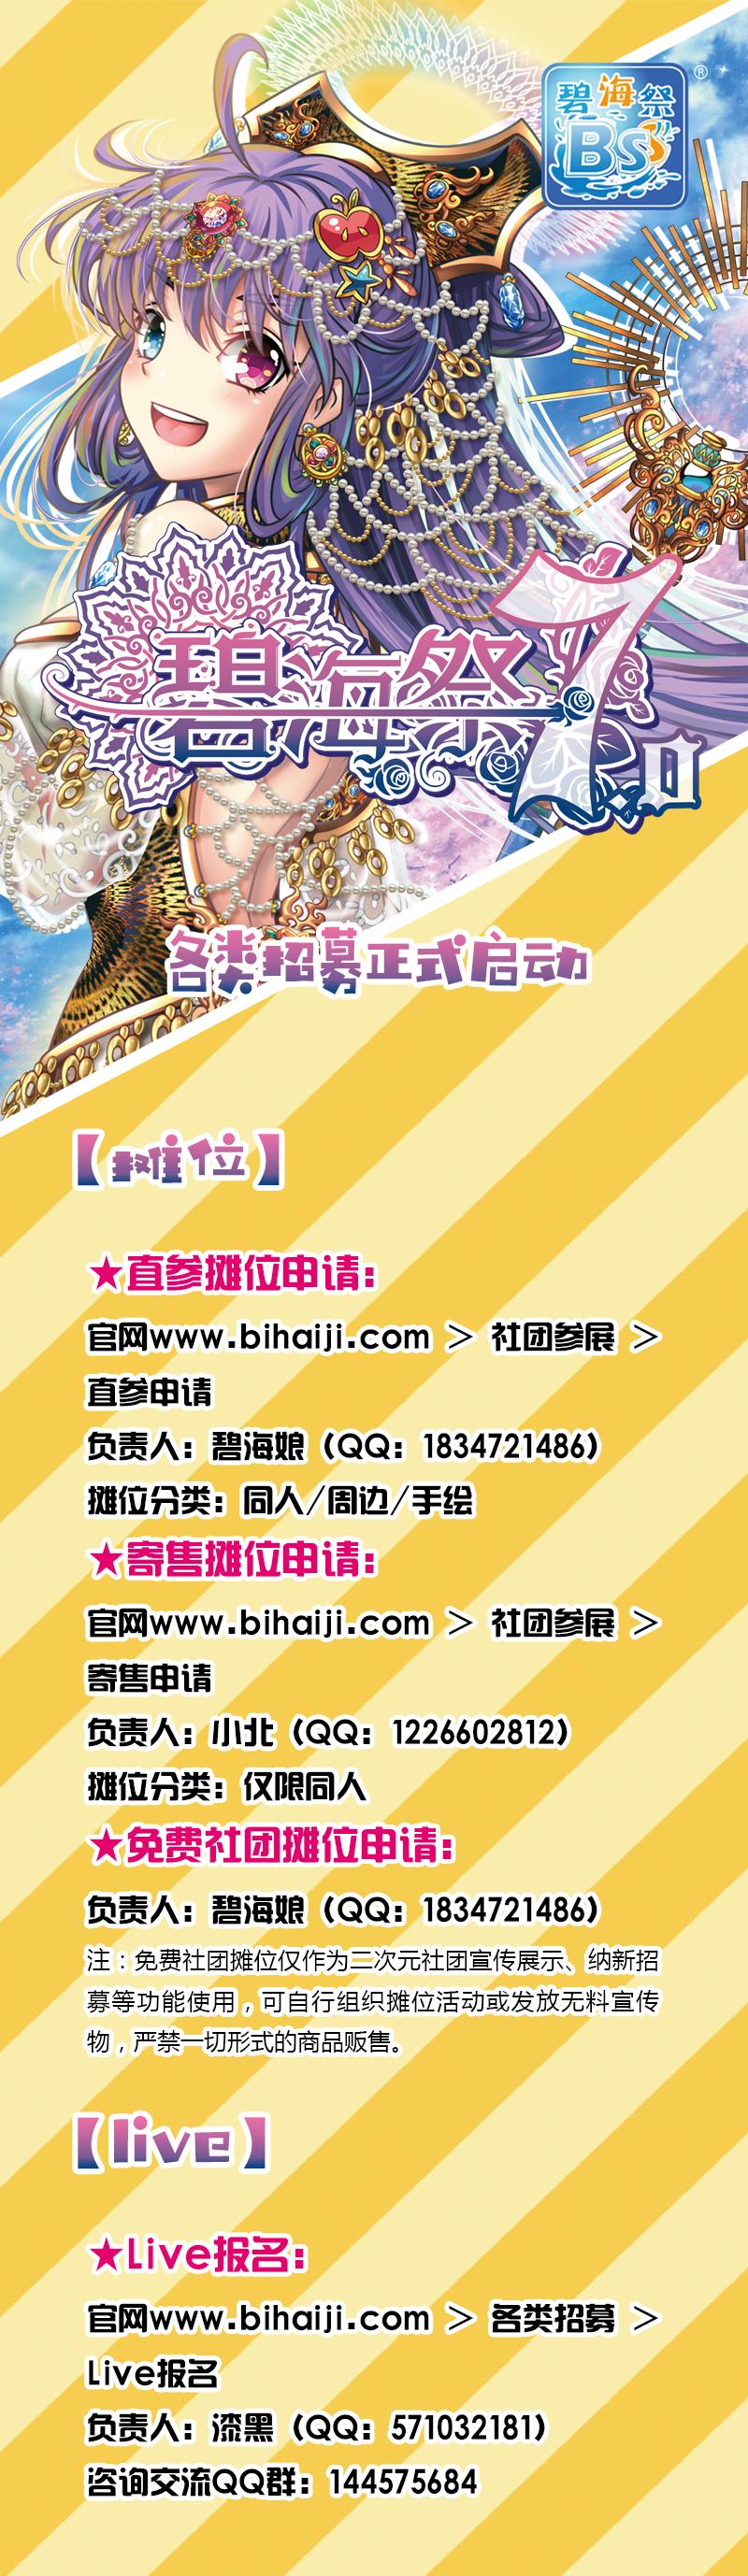 烟台碧海祭同人交流会BSS7.0——编织一个属于夏日的美妙梦境,送给你!-ANICOGA